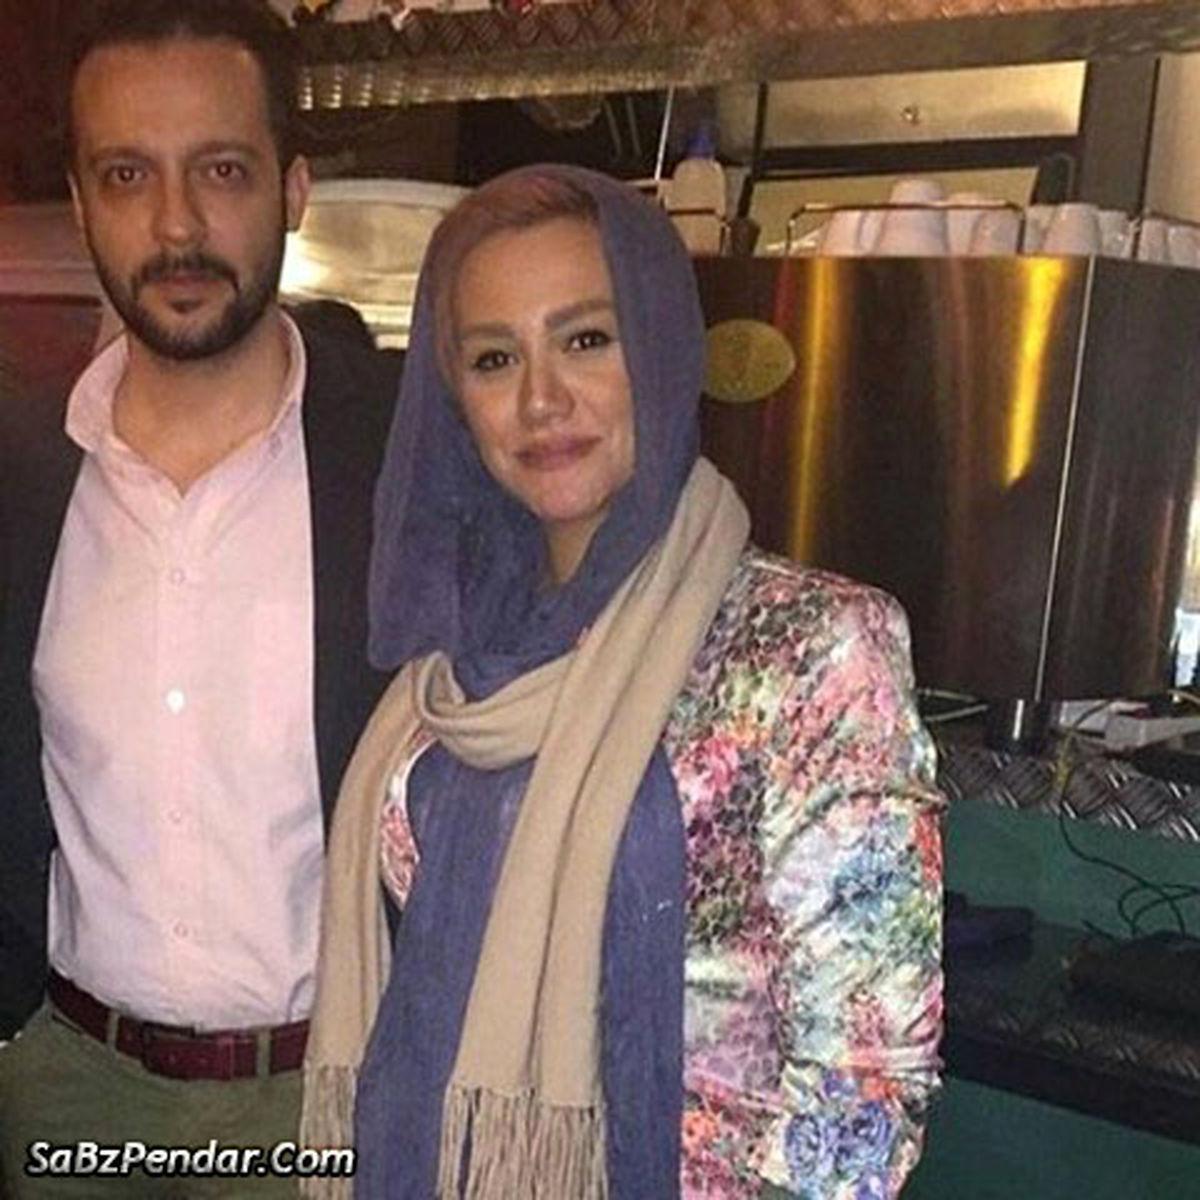 محمد سلوکی و همسر مو بلوندش + عکس